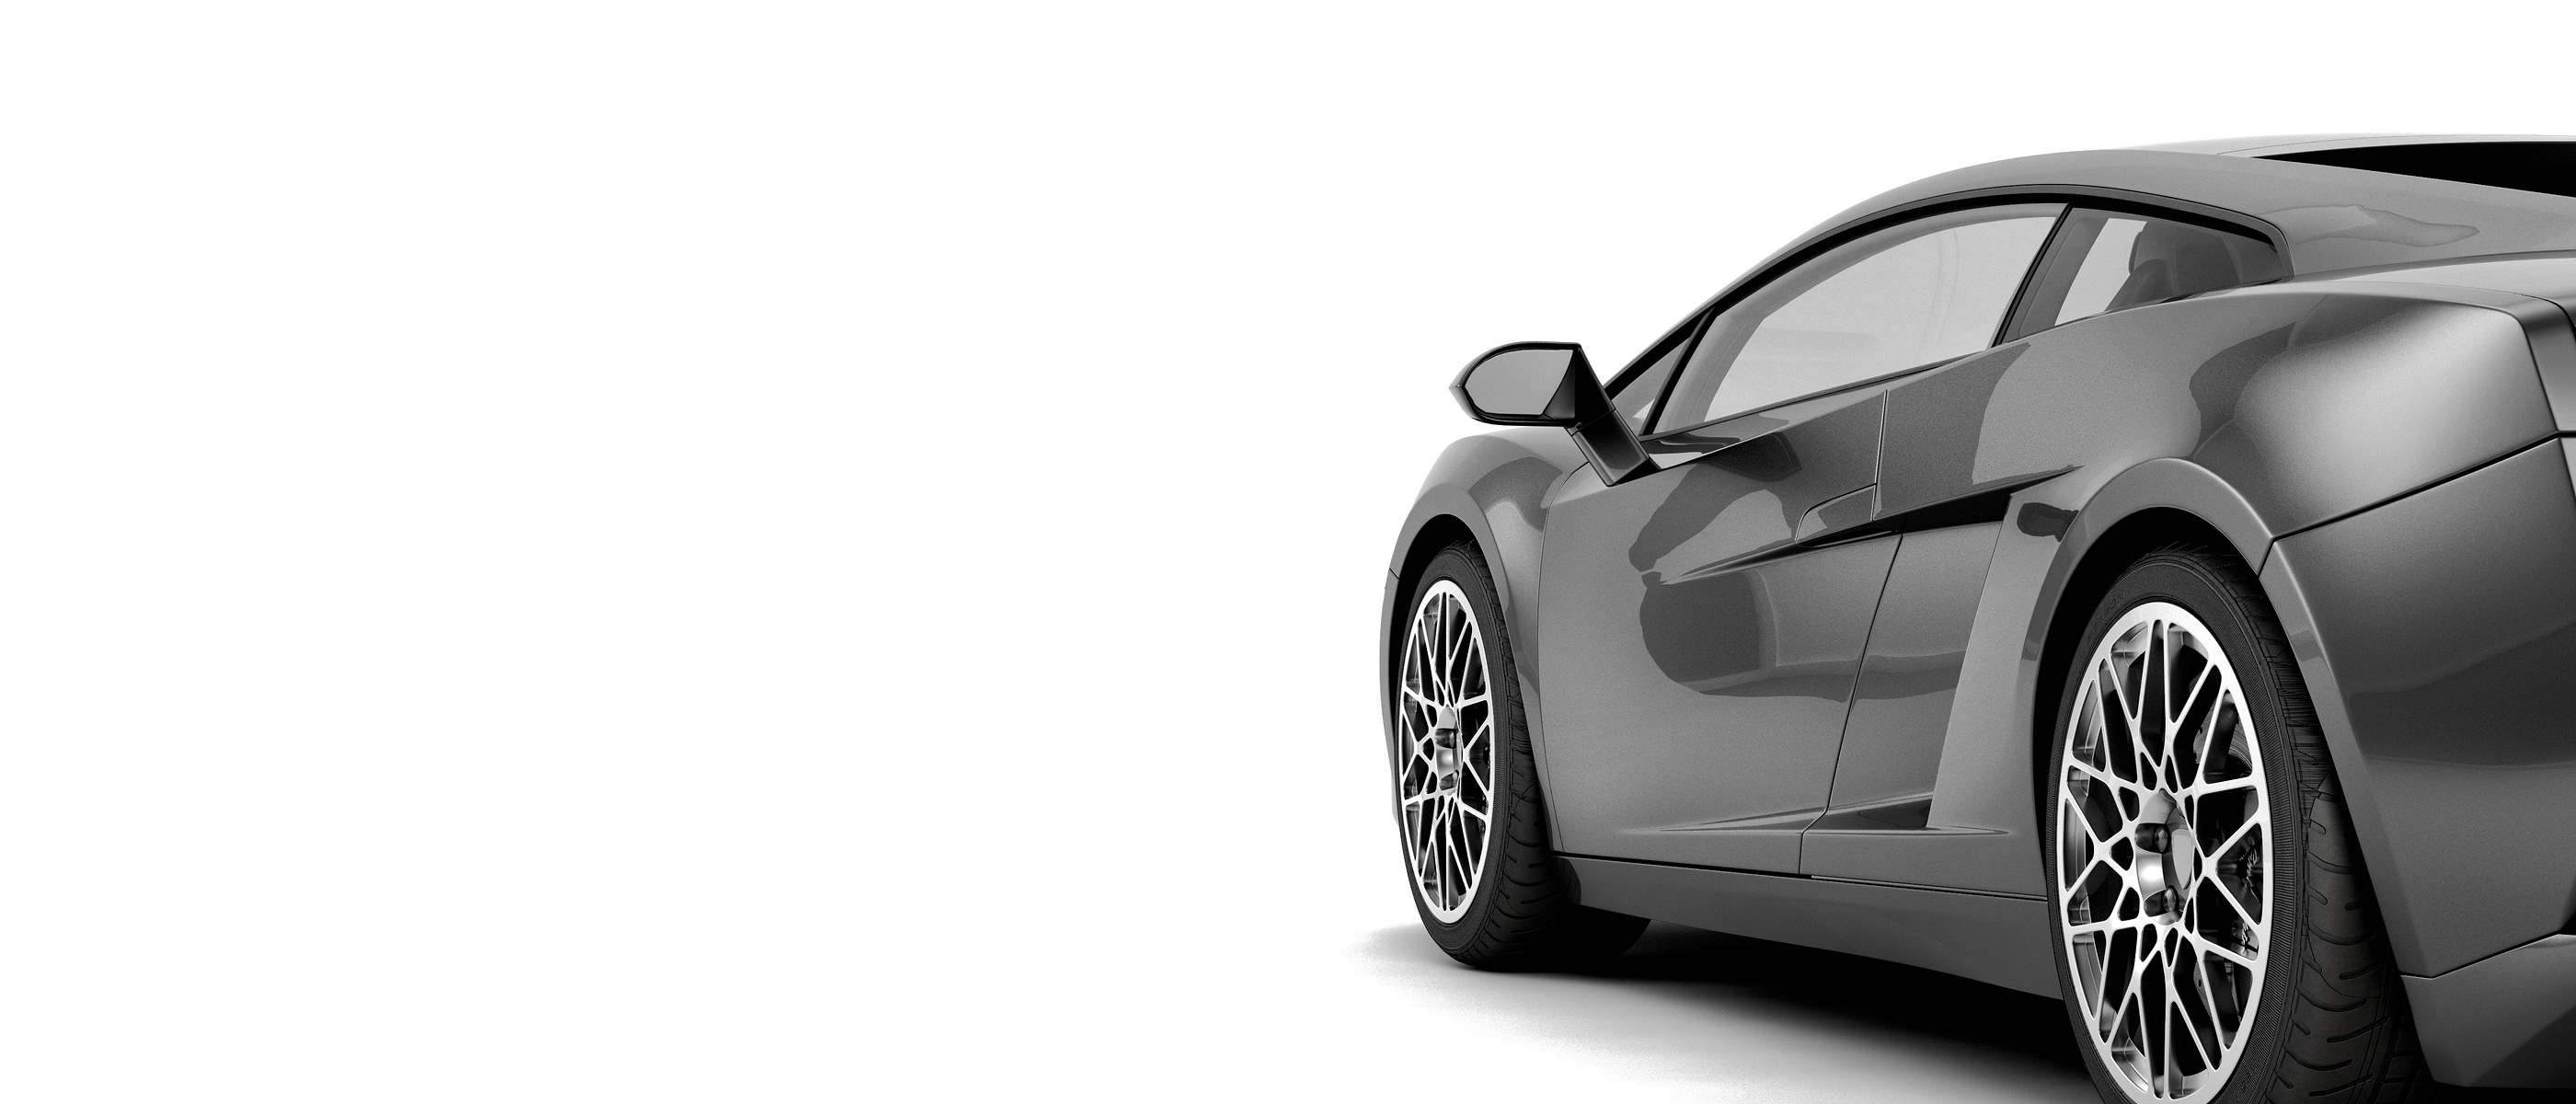 sports-car-white-bg